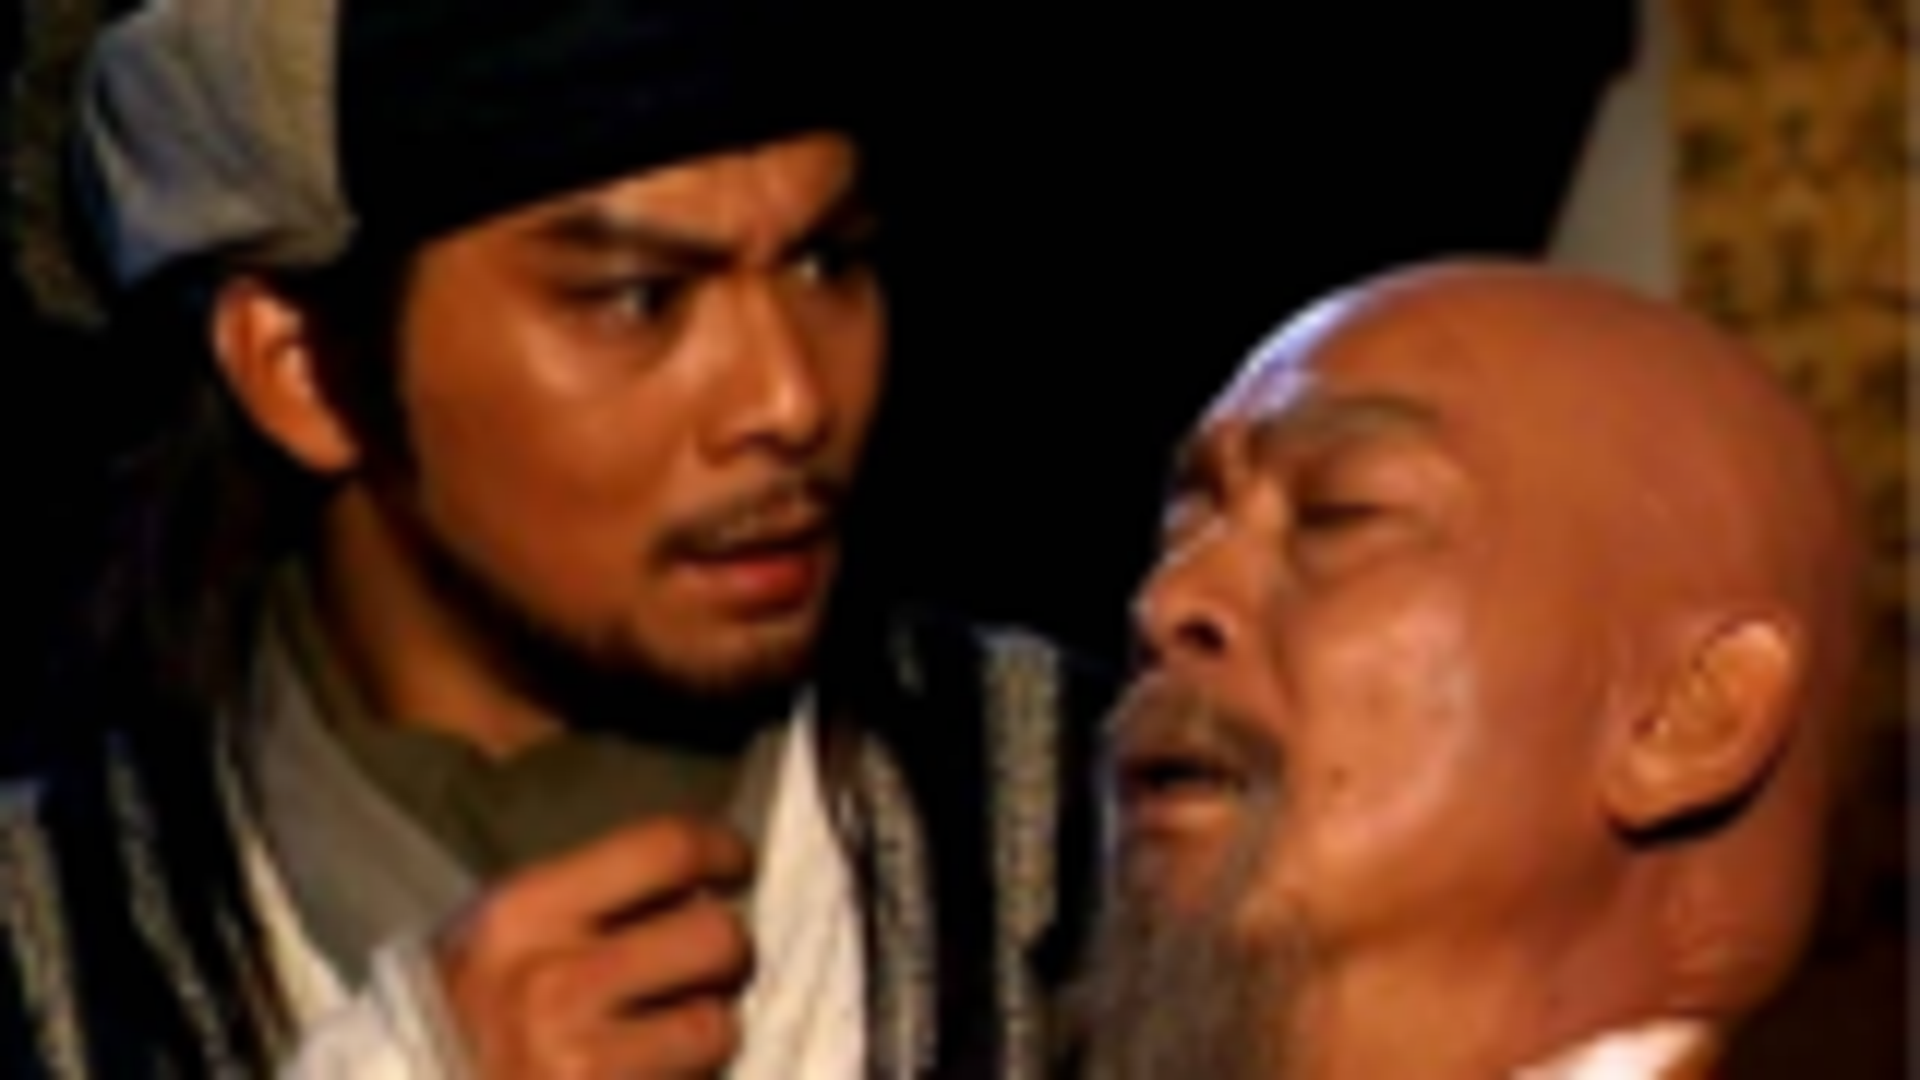 为什么少林玄苦大师一看到乔峰的容貌就吓死了呢?